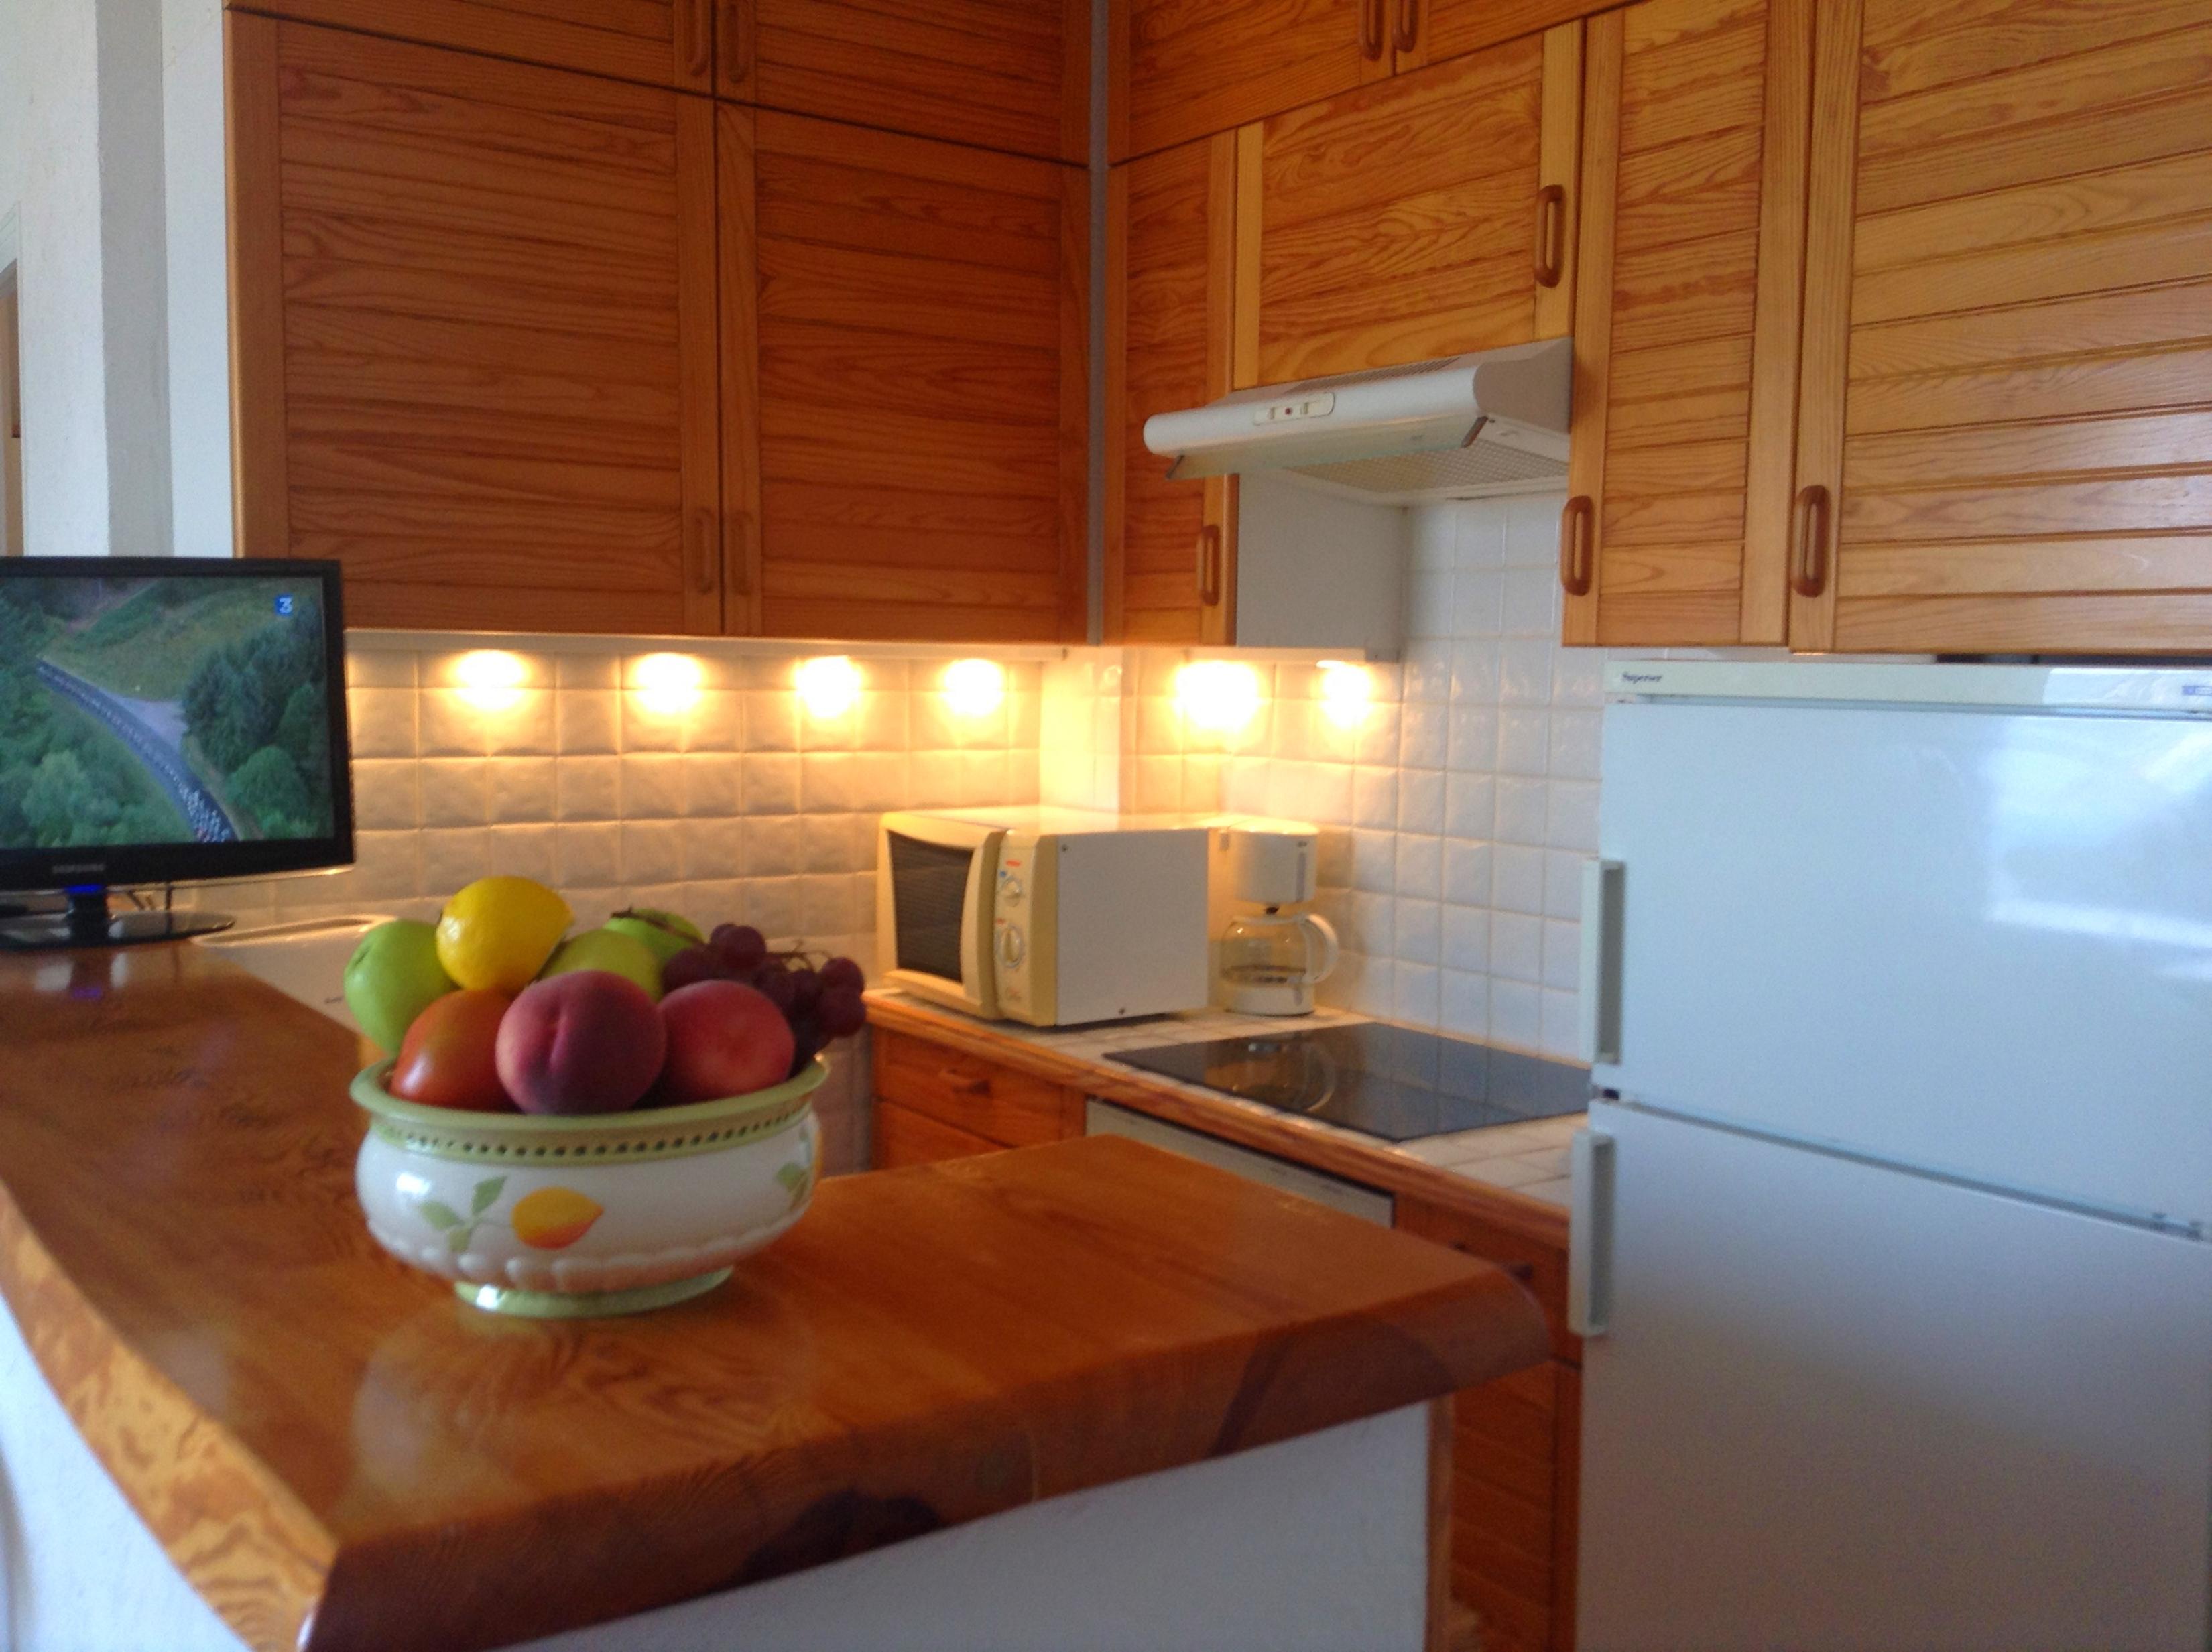 Asombroso Cocina Y Baño Avanzada Ct Ellington Bandera - Ideas para ...